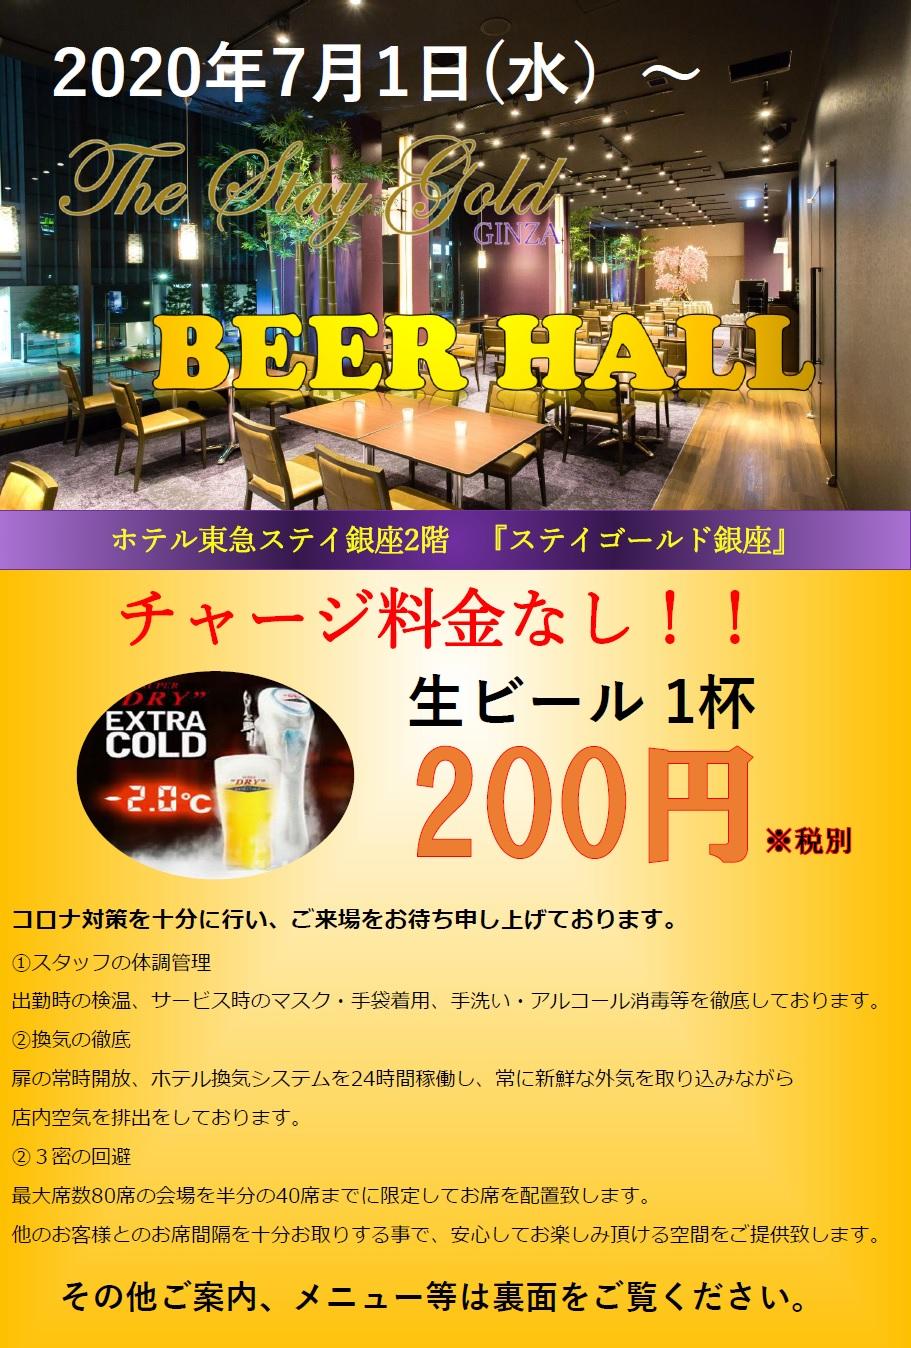 ☆ビール1杯200円、チャージ料金なし☆ 期間限定ビアホールオープン